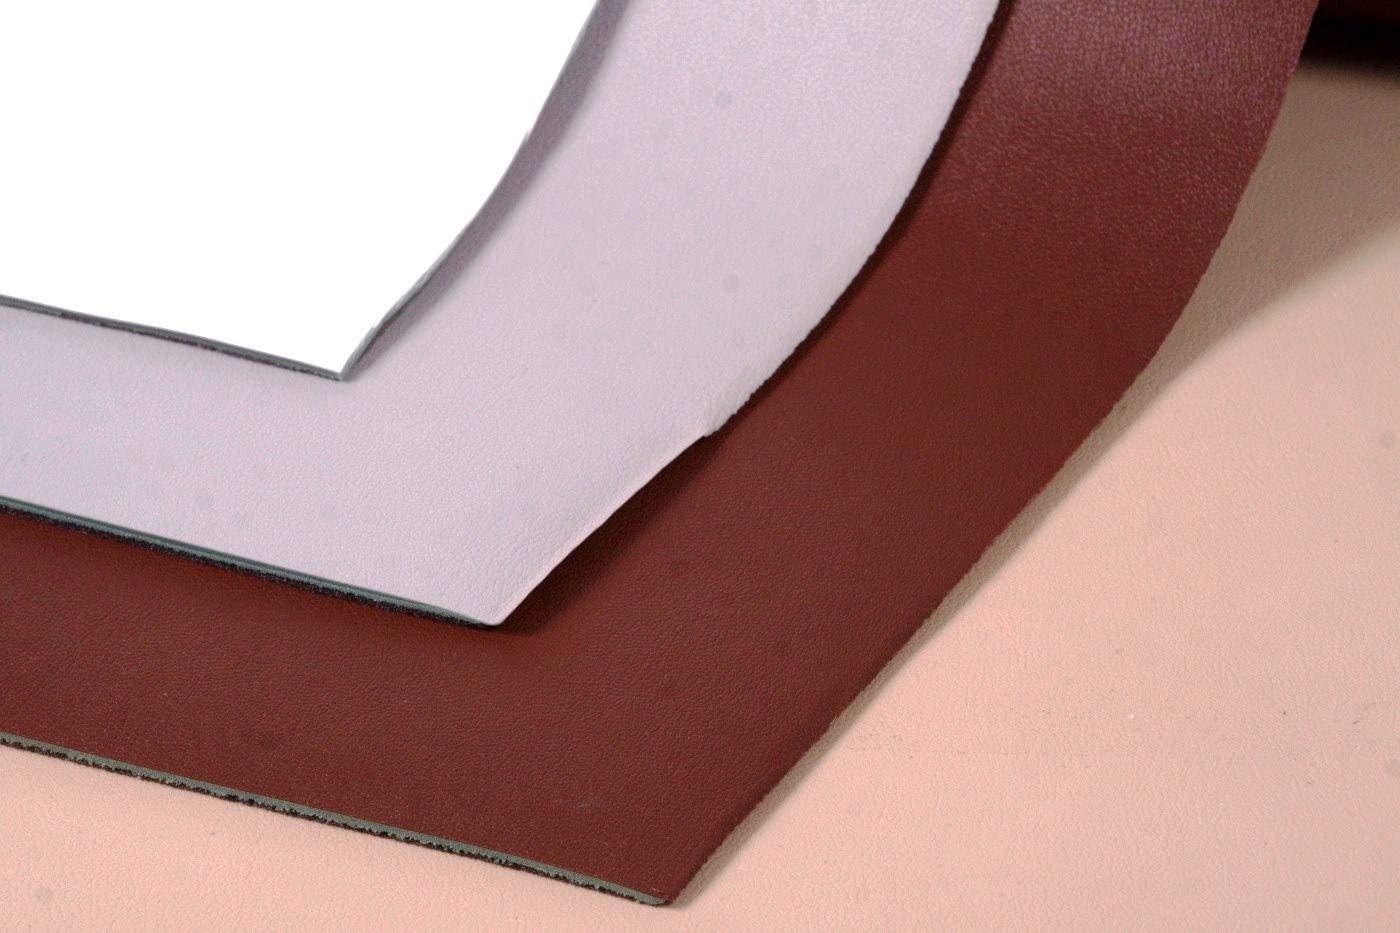 Fonac - Doors - Aislamiento acústico para puertas - 2 x 0.92 m - Blanco: Amazon.es: Bricolaje y herramientas